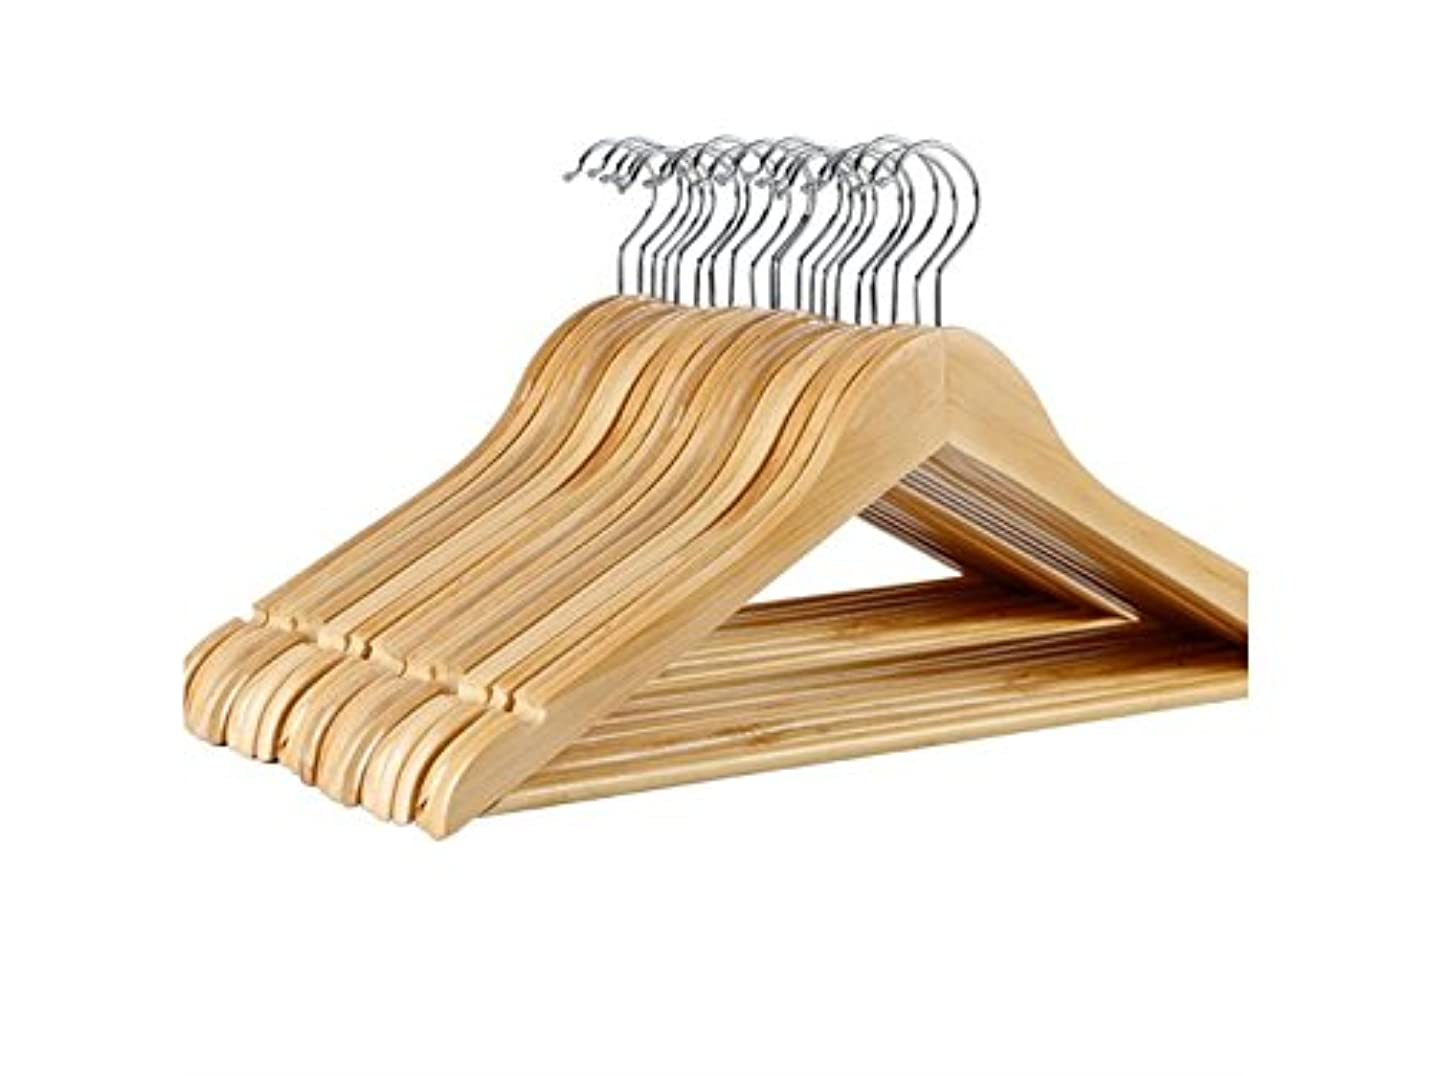 立ち寄る局単位Oside 5 PCS木製の服のハンガーコートハンガーラウンダーショルダースイートハンガークローゼットコレクション